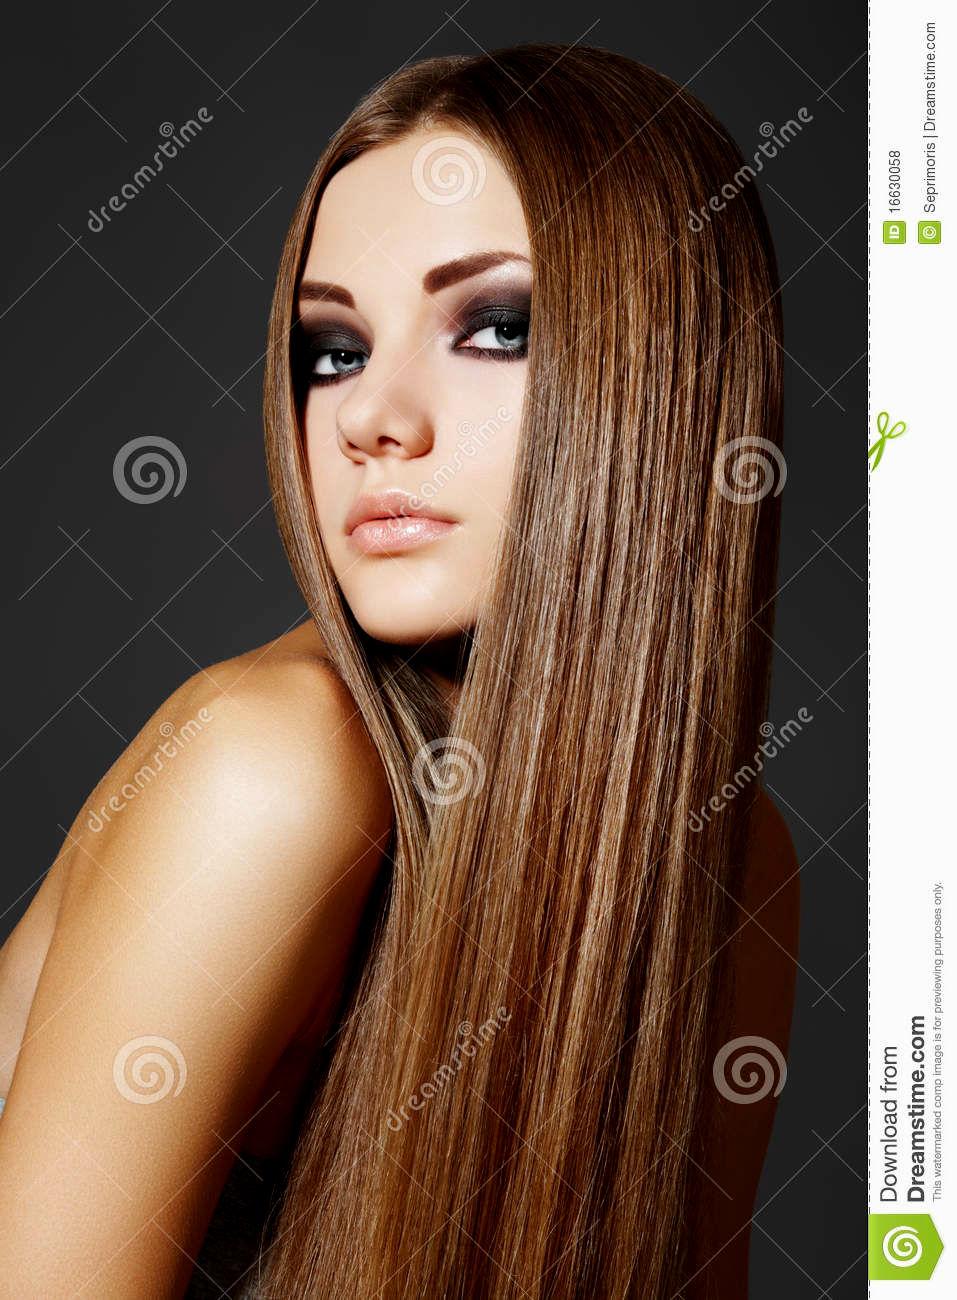 beautiful modelo de cabelo modelo-Legal Modelo De Cabelo Design